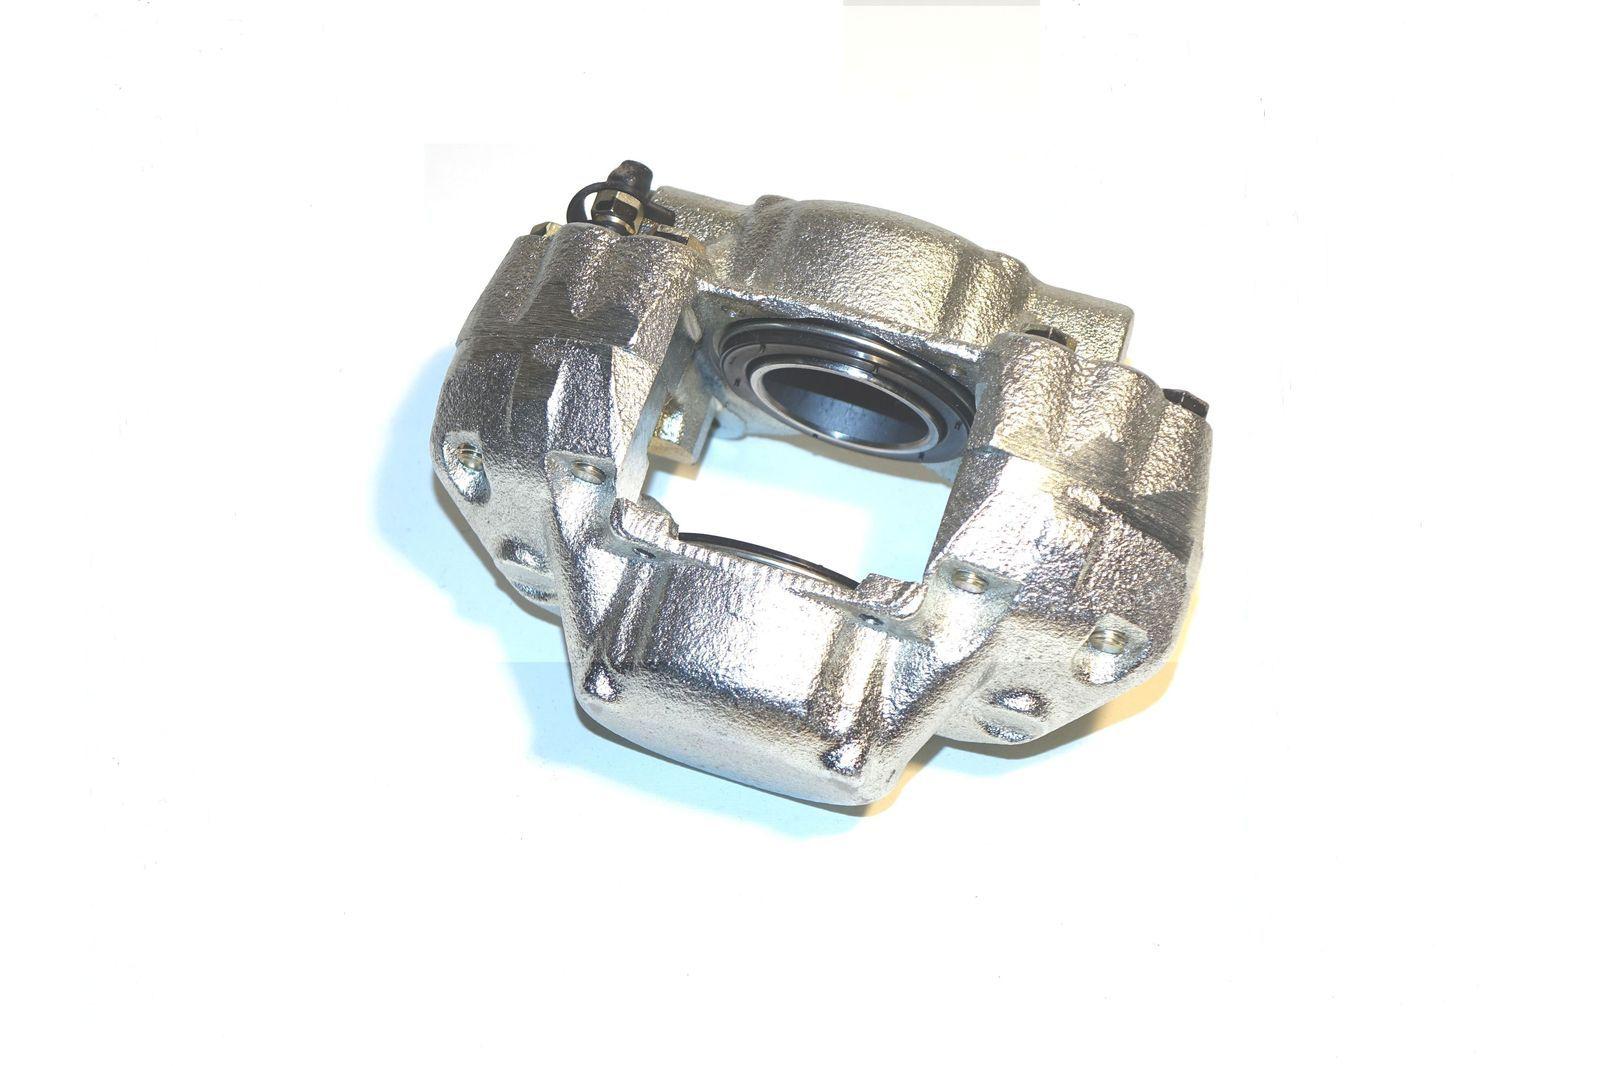 #3346-03 Bremszange vorne links Triumph Spitfire MK2 ab FC15220, MK3, MK4, 15913